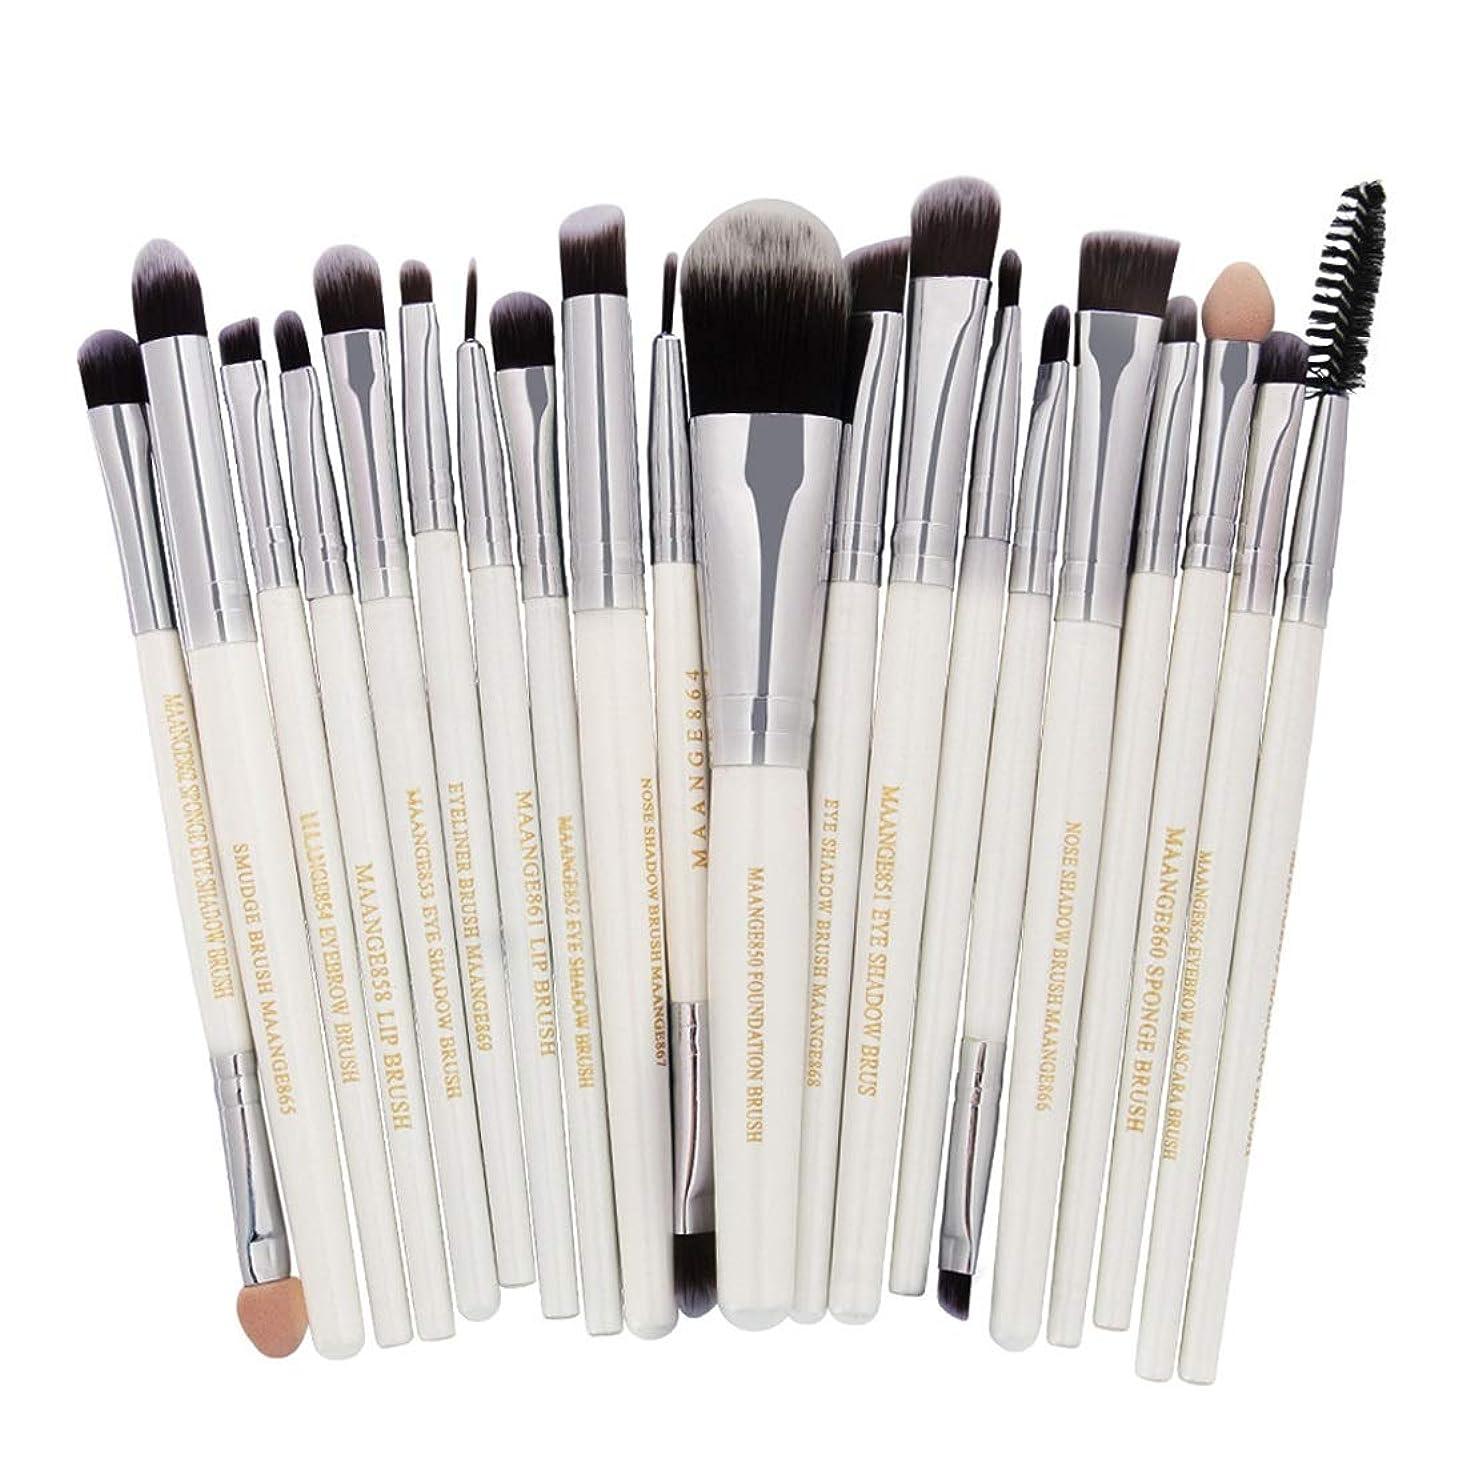 周辺ごちそう叫び声Aikemi kasur 1の化粧筆セット用具の洗面用品のキットのナイロン化粧品のアイメイクブラシ20 (色 : Silver)